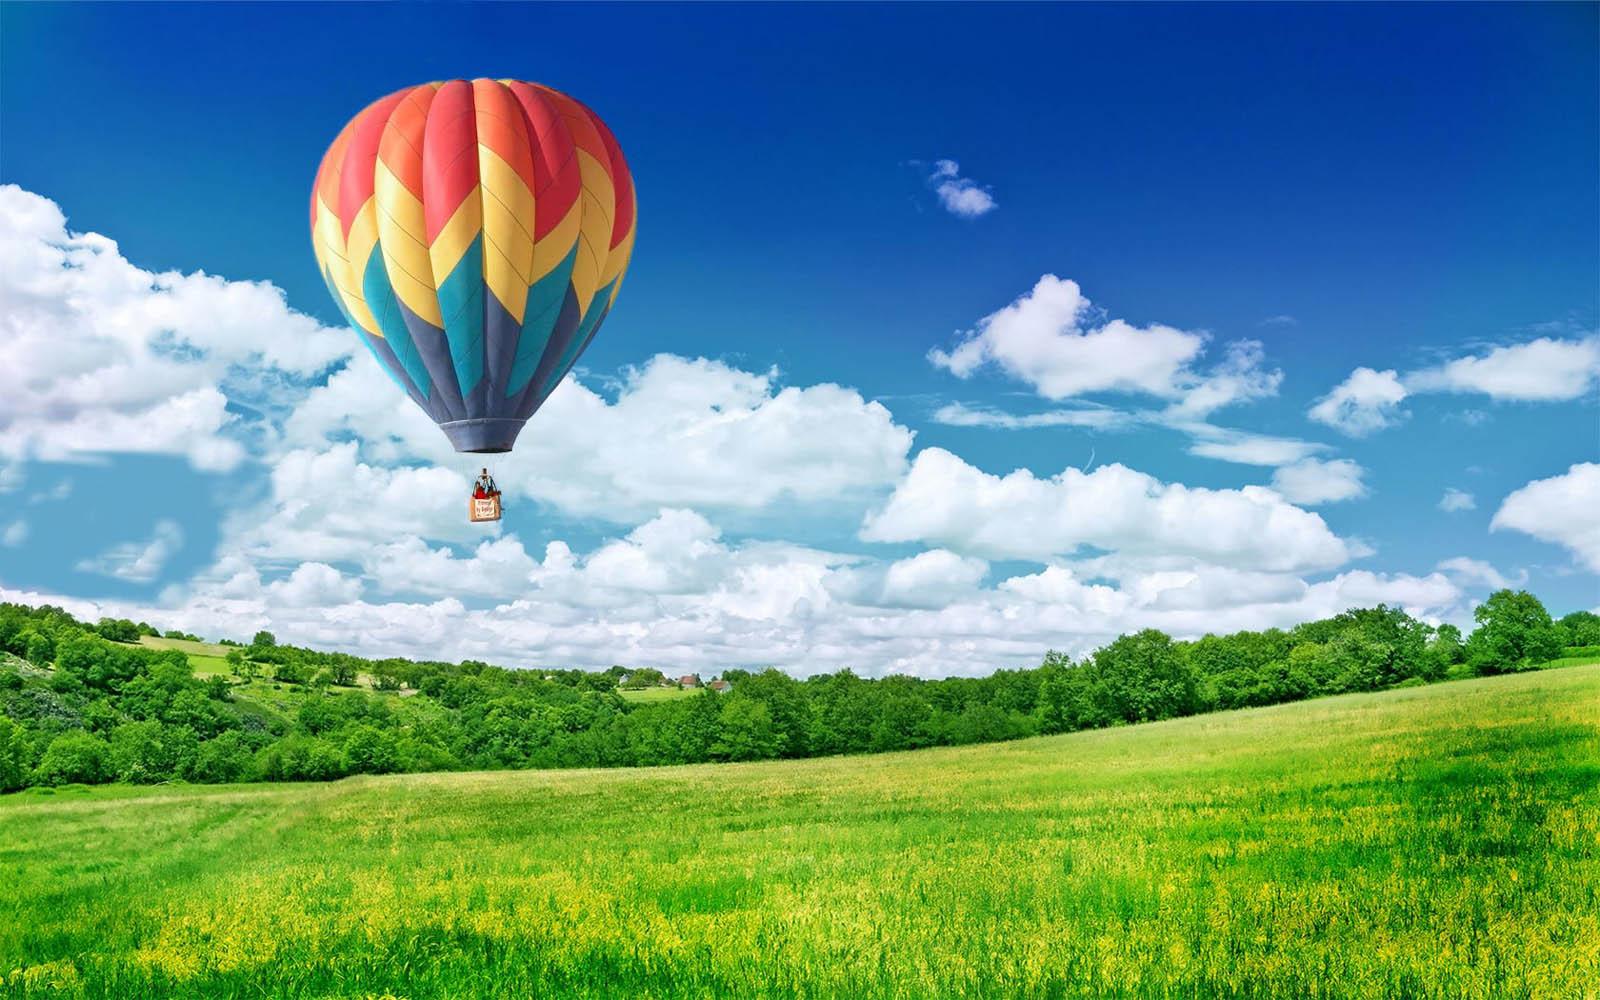 Parachute clipart balon udara Wallpaper: udara Udara Gambar balon